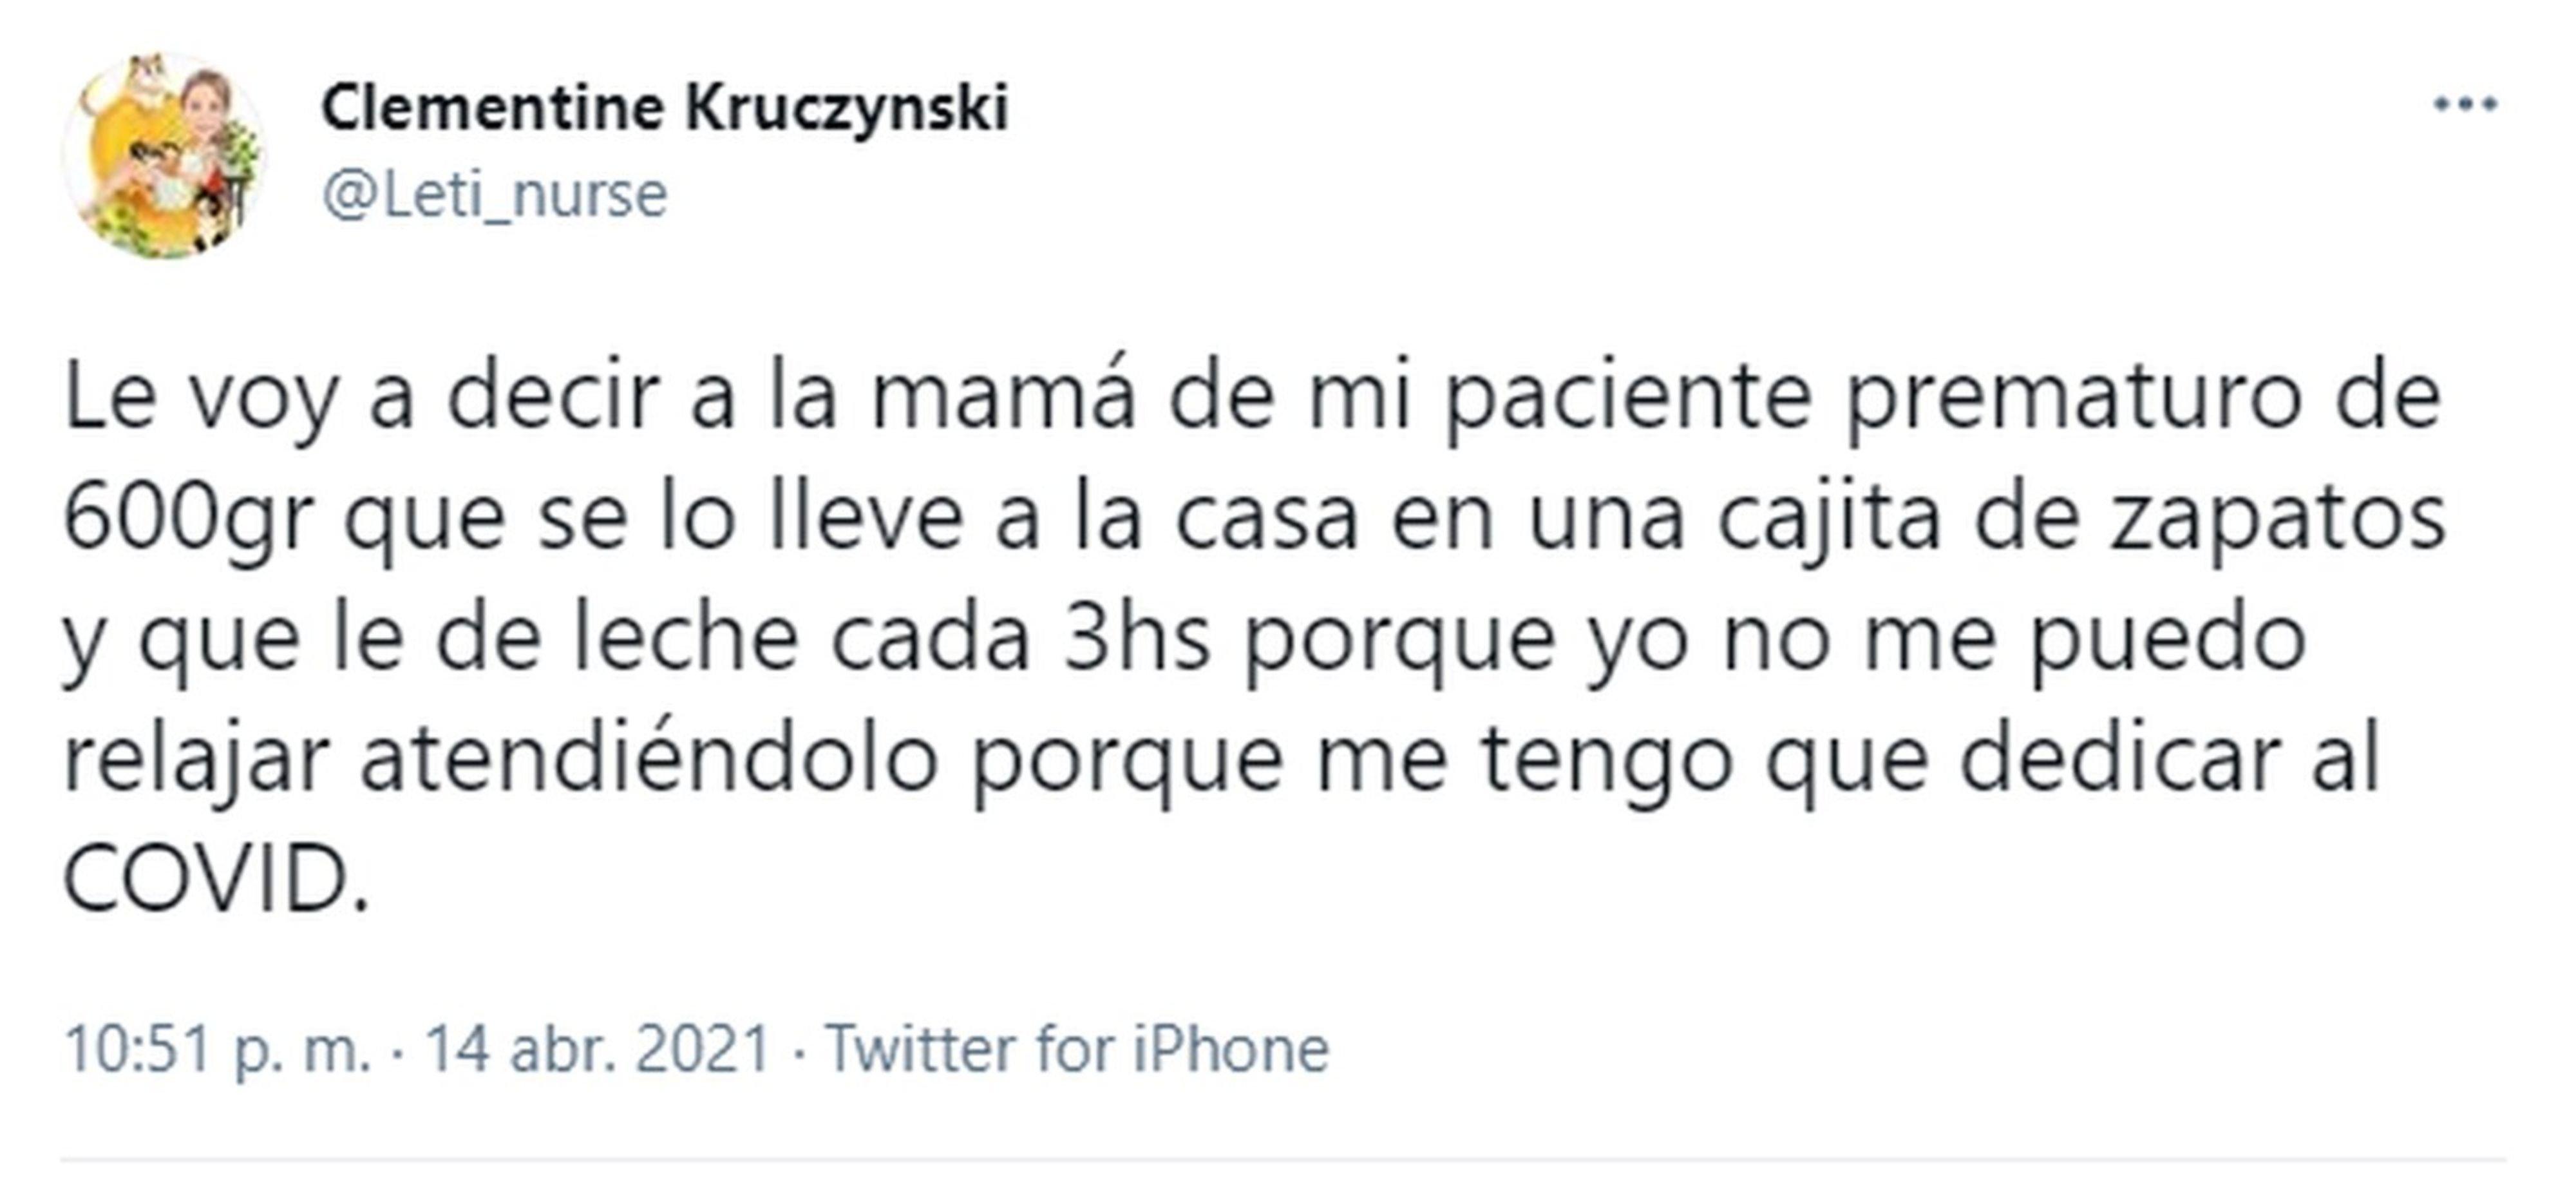 La respuesta de los médicos a Alberto Fernández por su crítica al sistema  sanitario